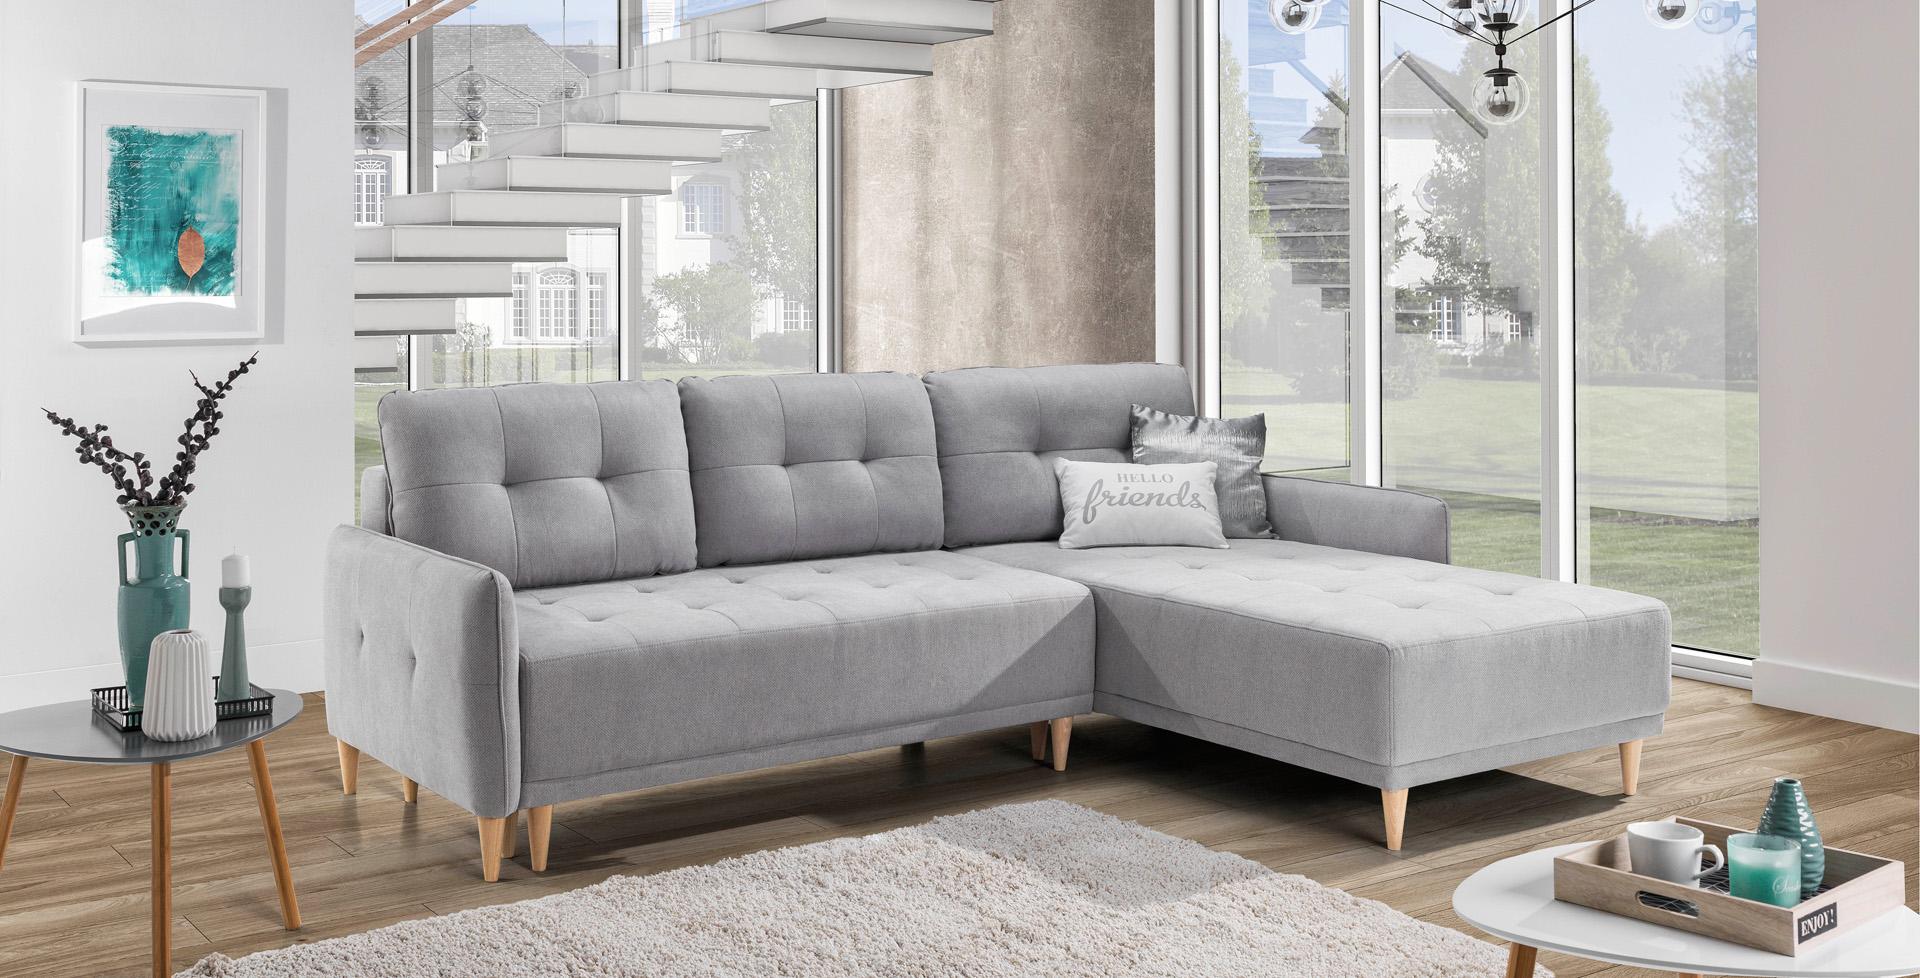 Narożnik Malmo Sofa Rozkładana Drewniane Nóżki 7188751850